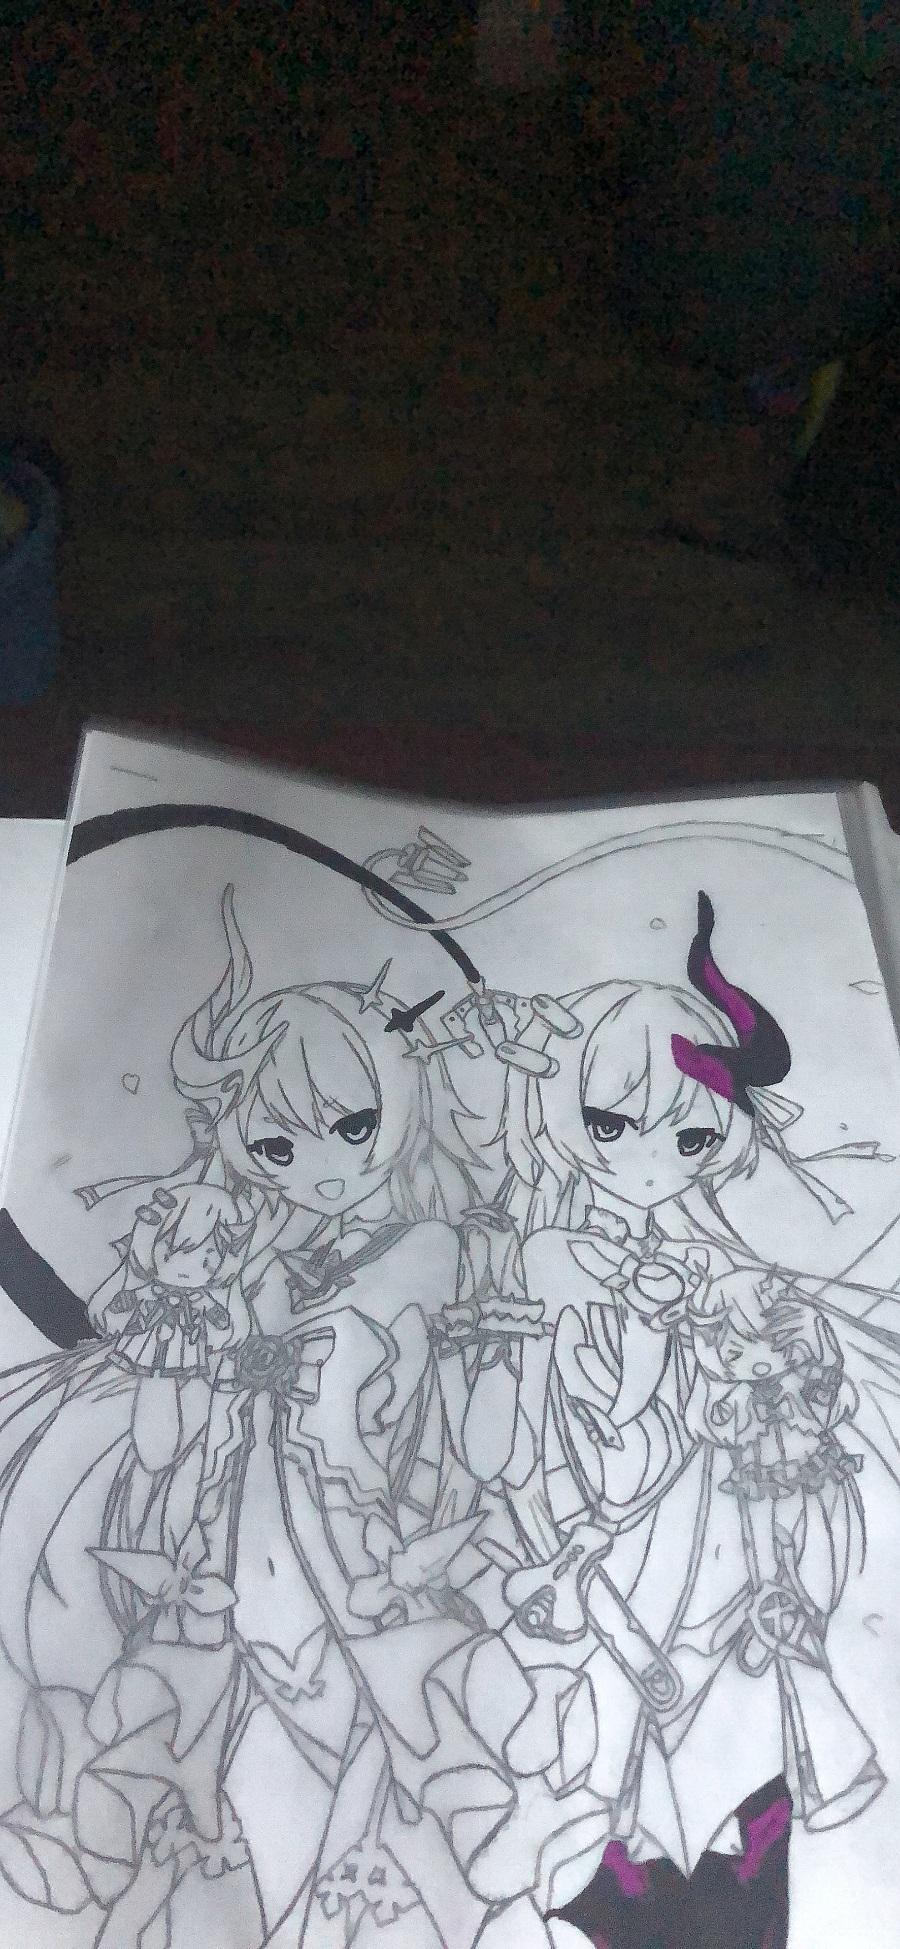 莉莉娅和罗莎莉亚